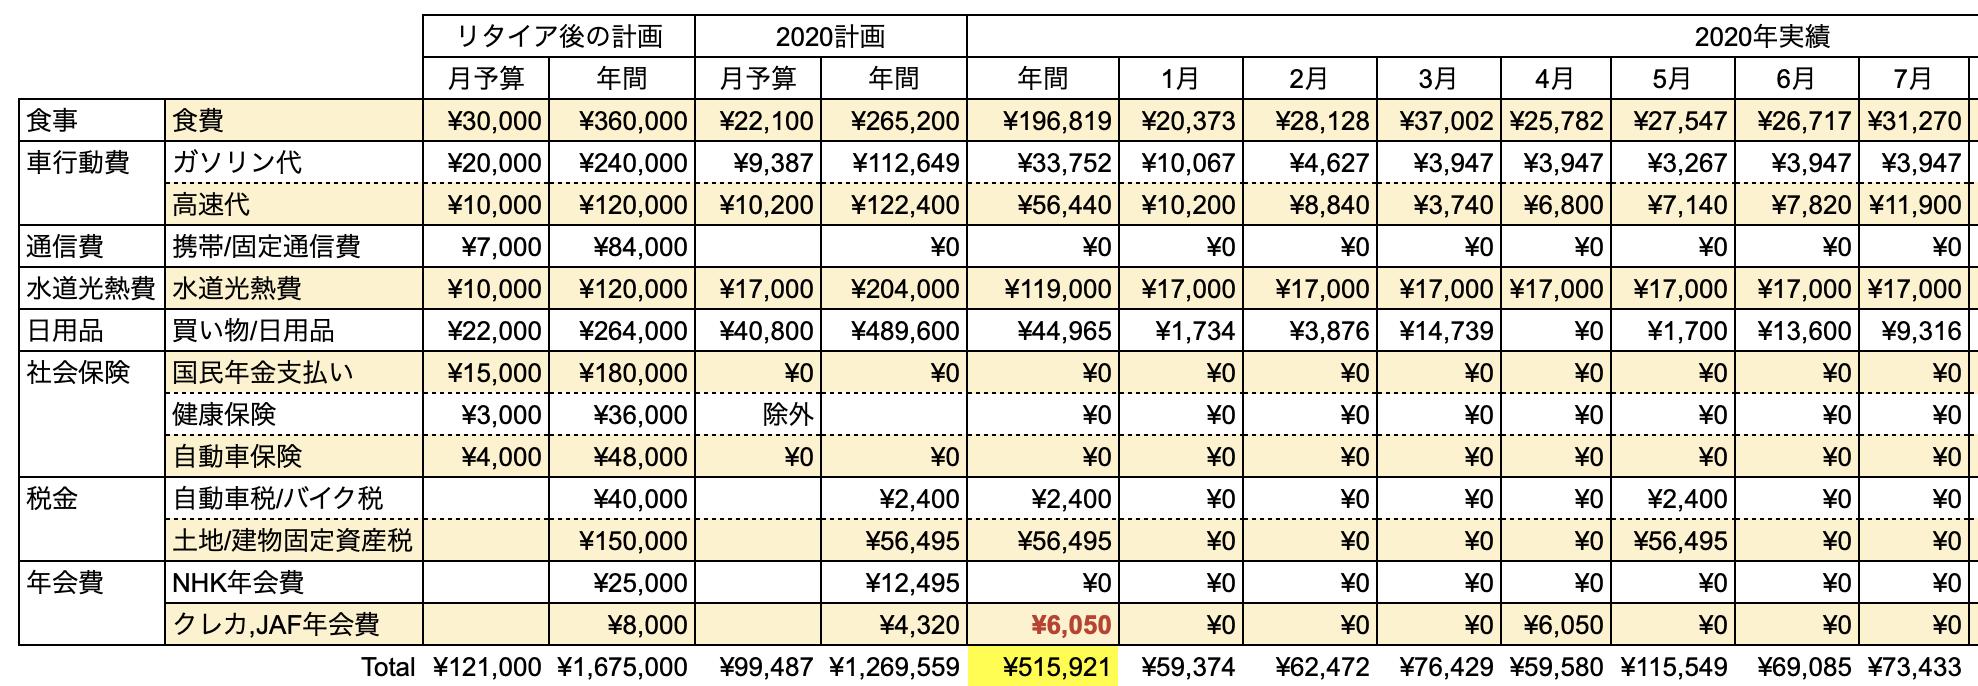 支出実績2020_07月_生活費